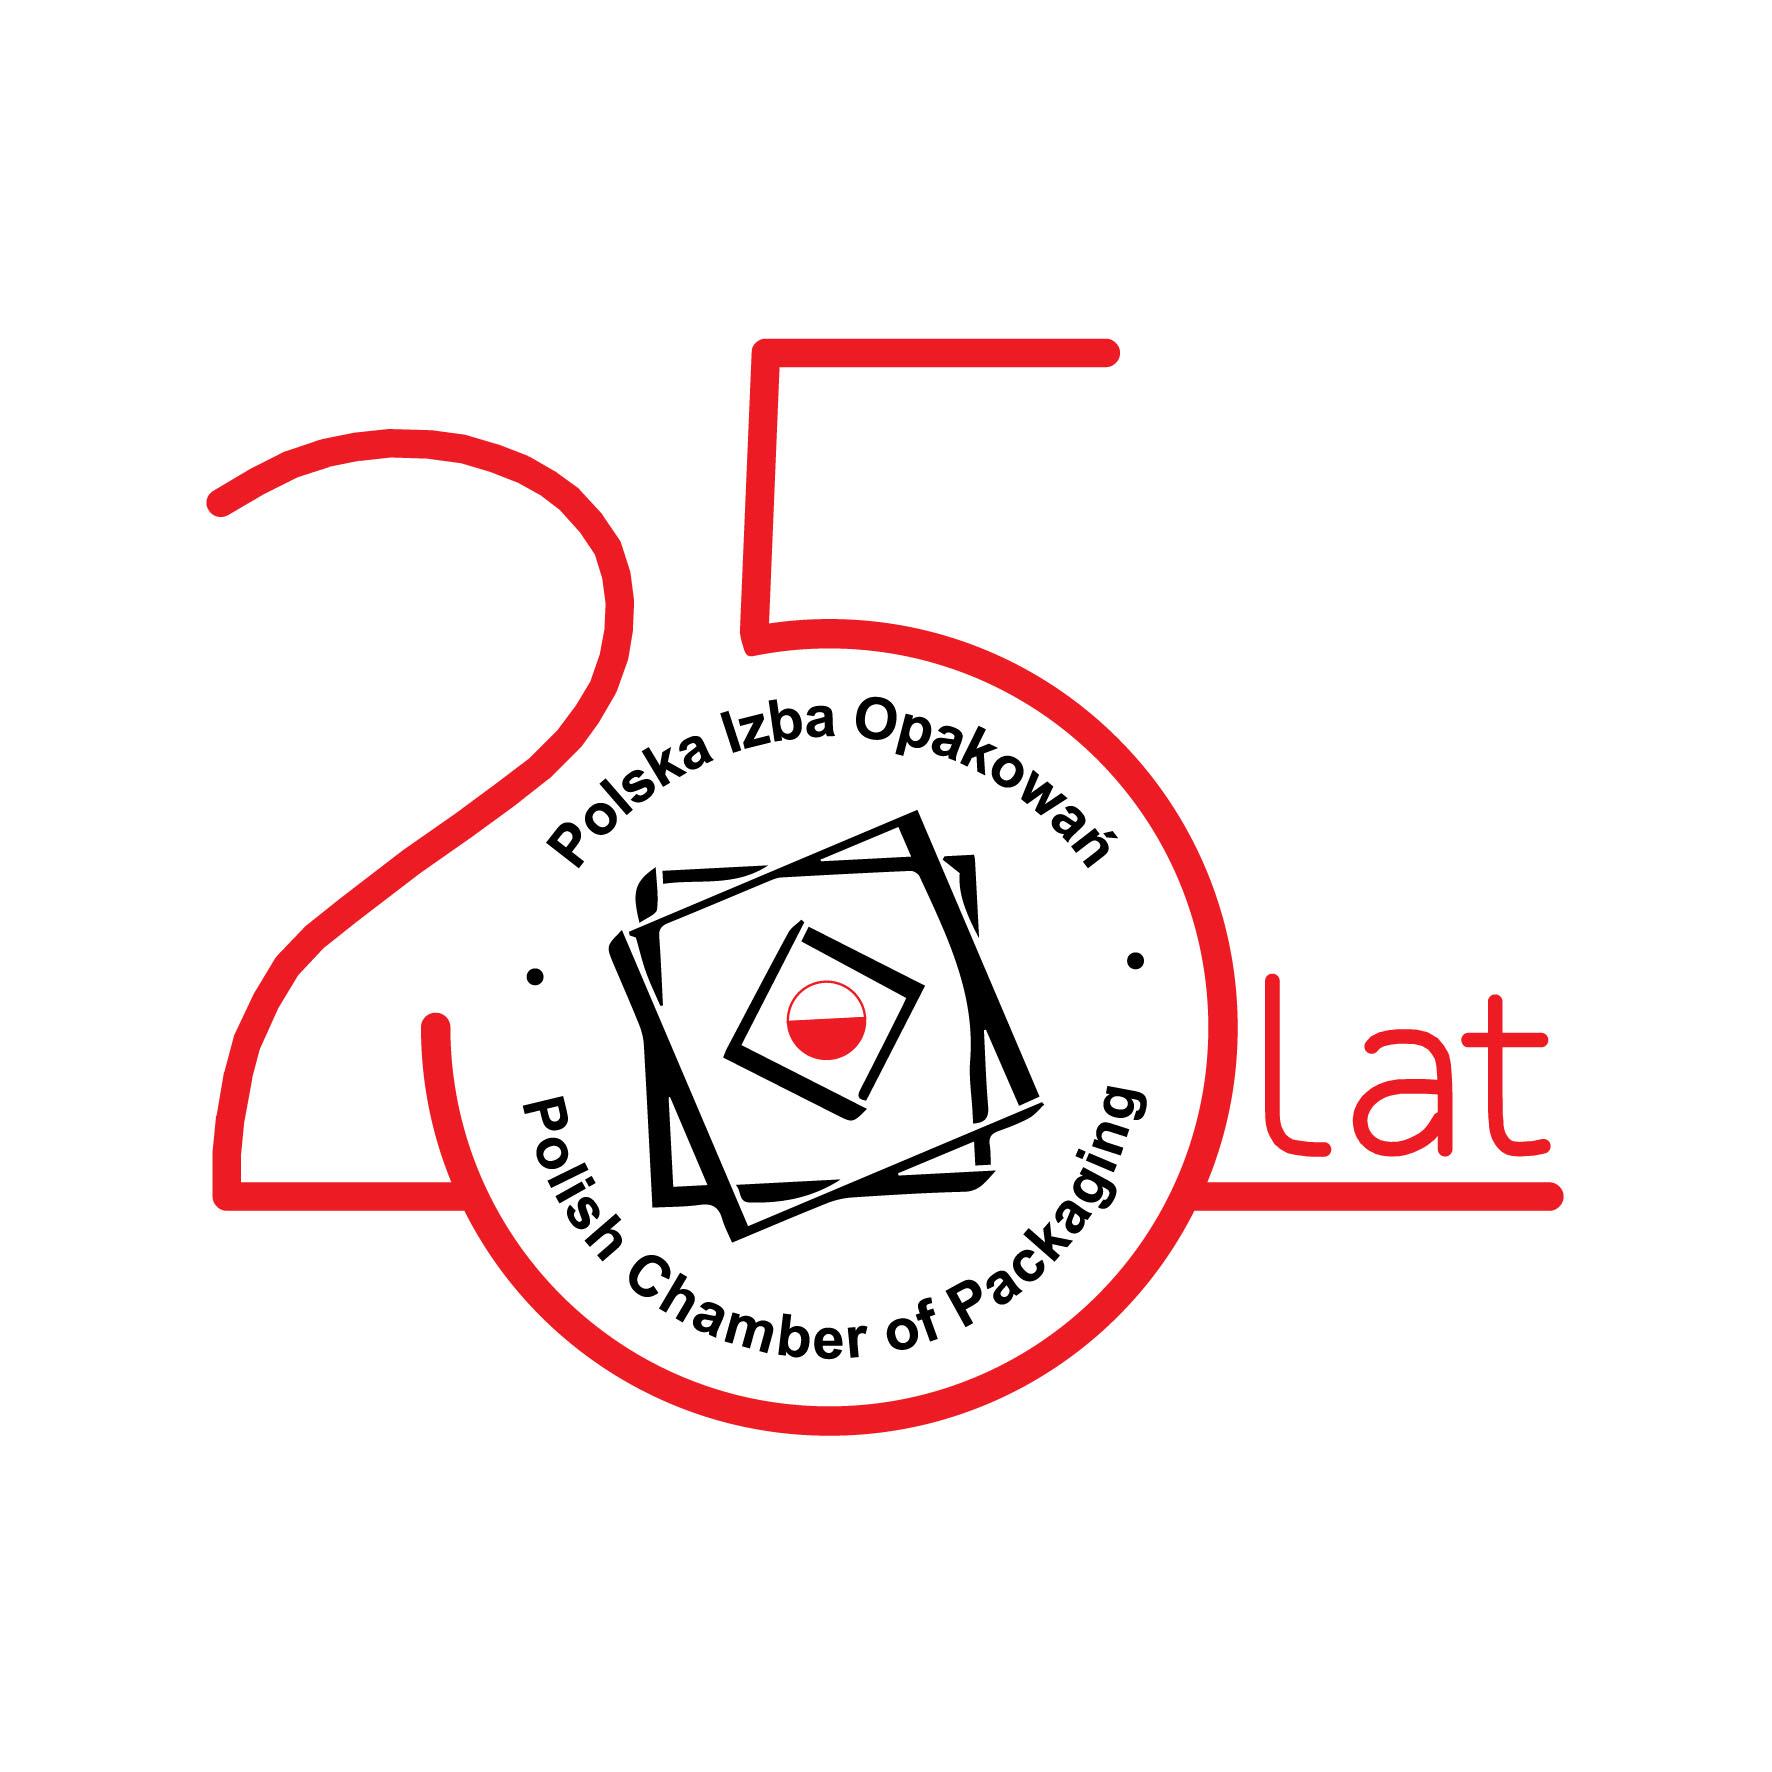 PIO logotyp 25 lat - 2019 (jasne tło)